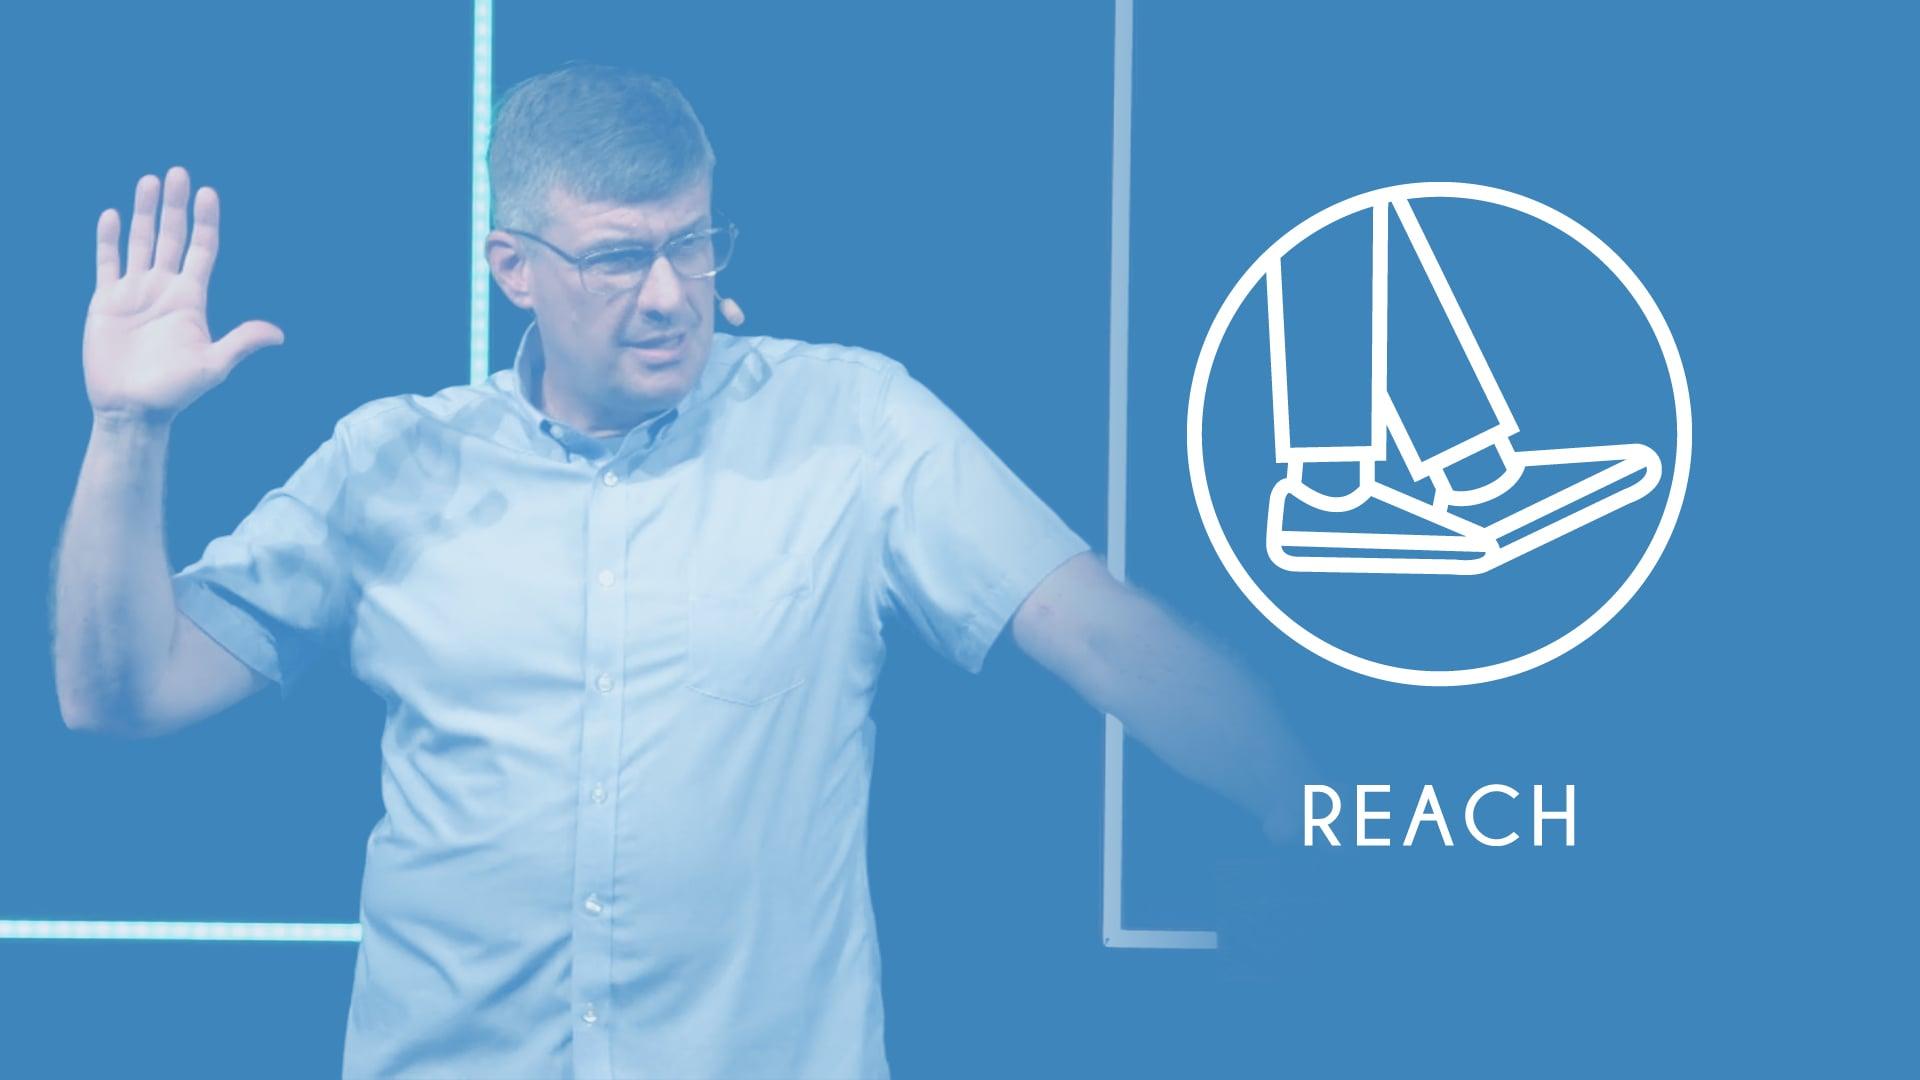 RECENTER - Reach